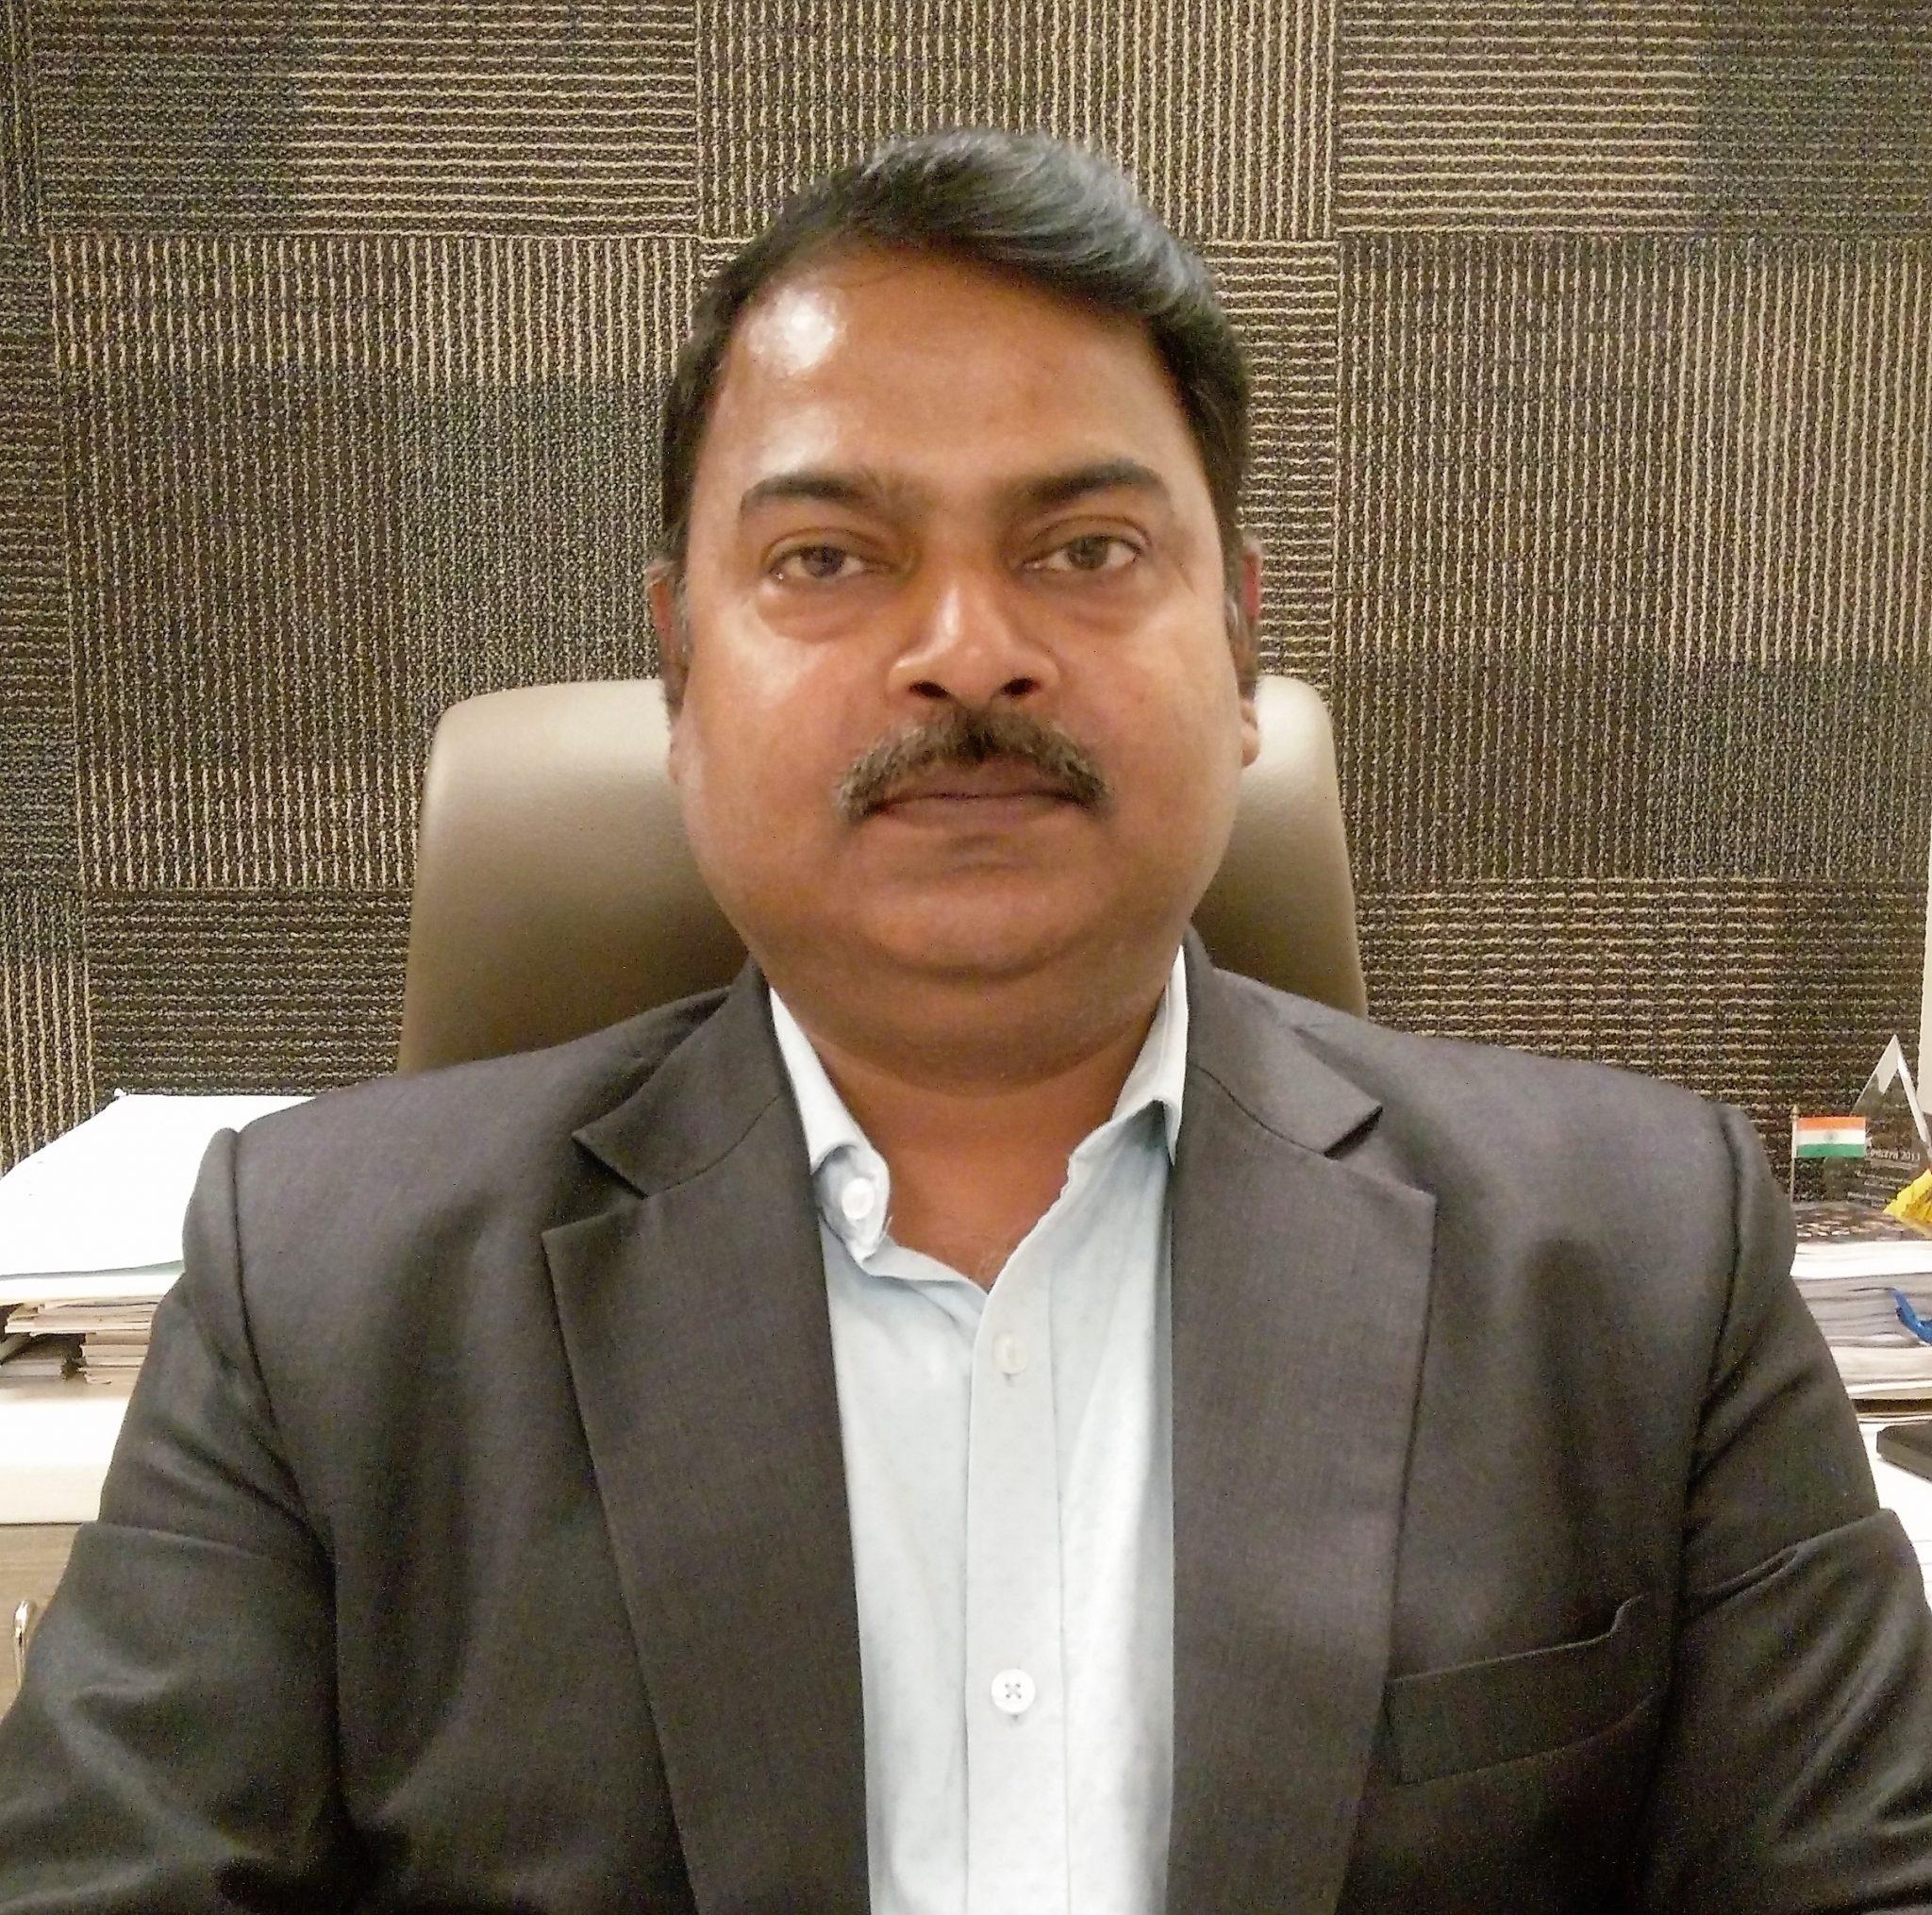 Sudhir Verma